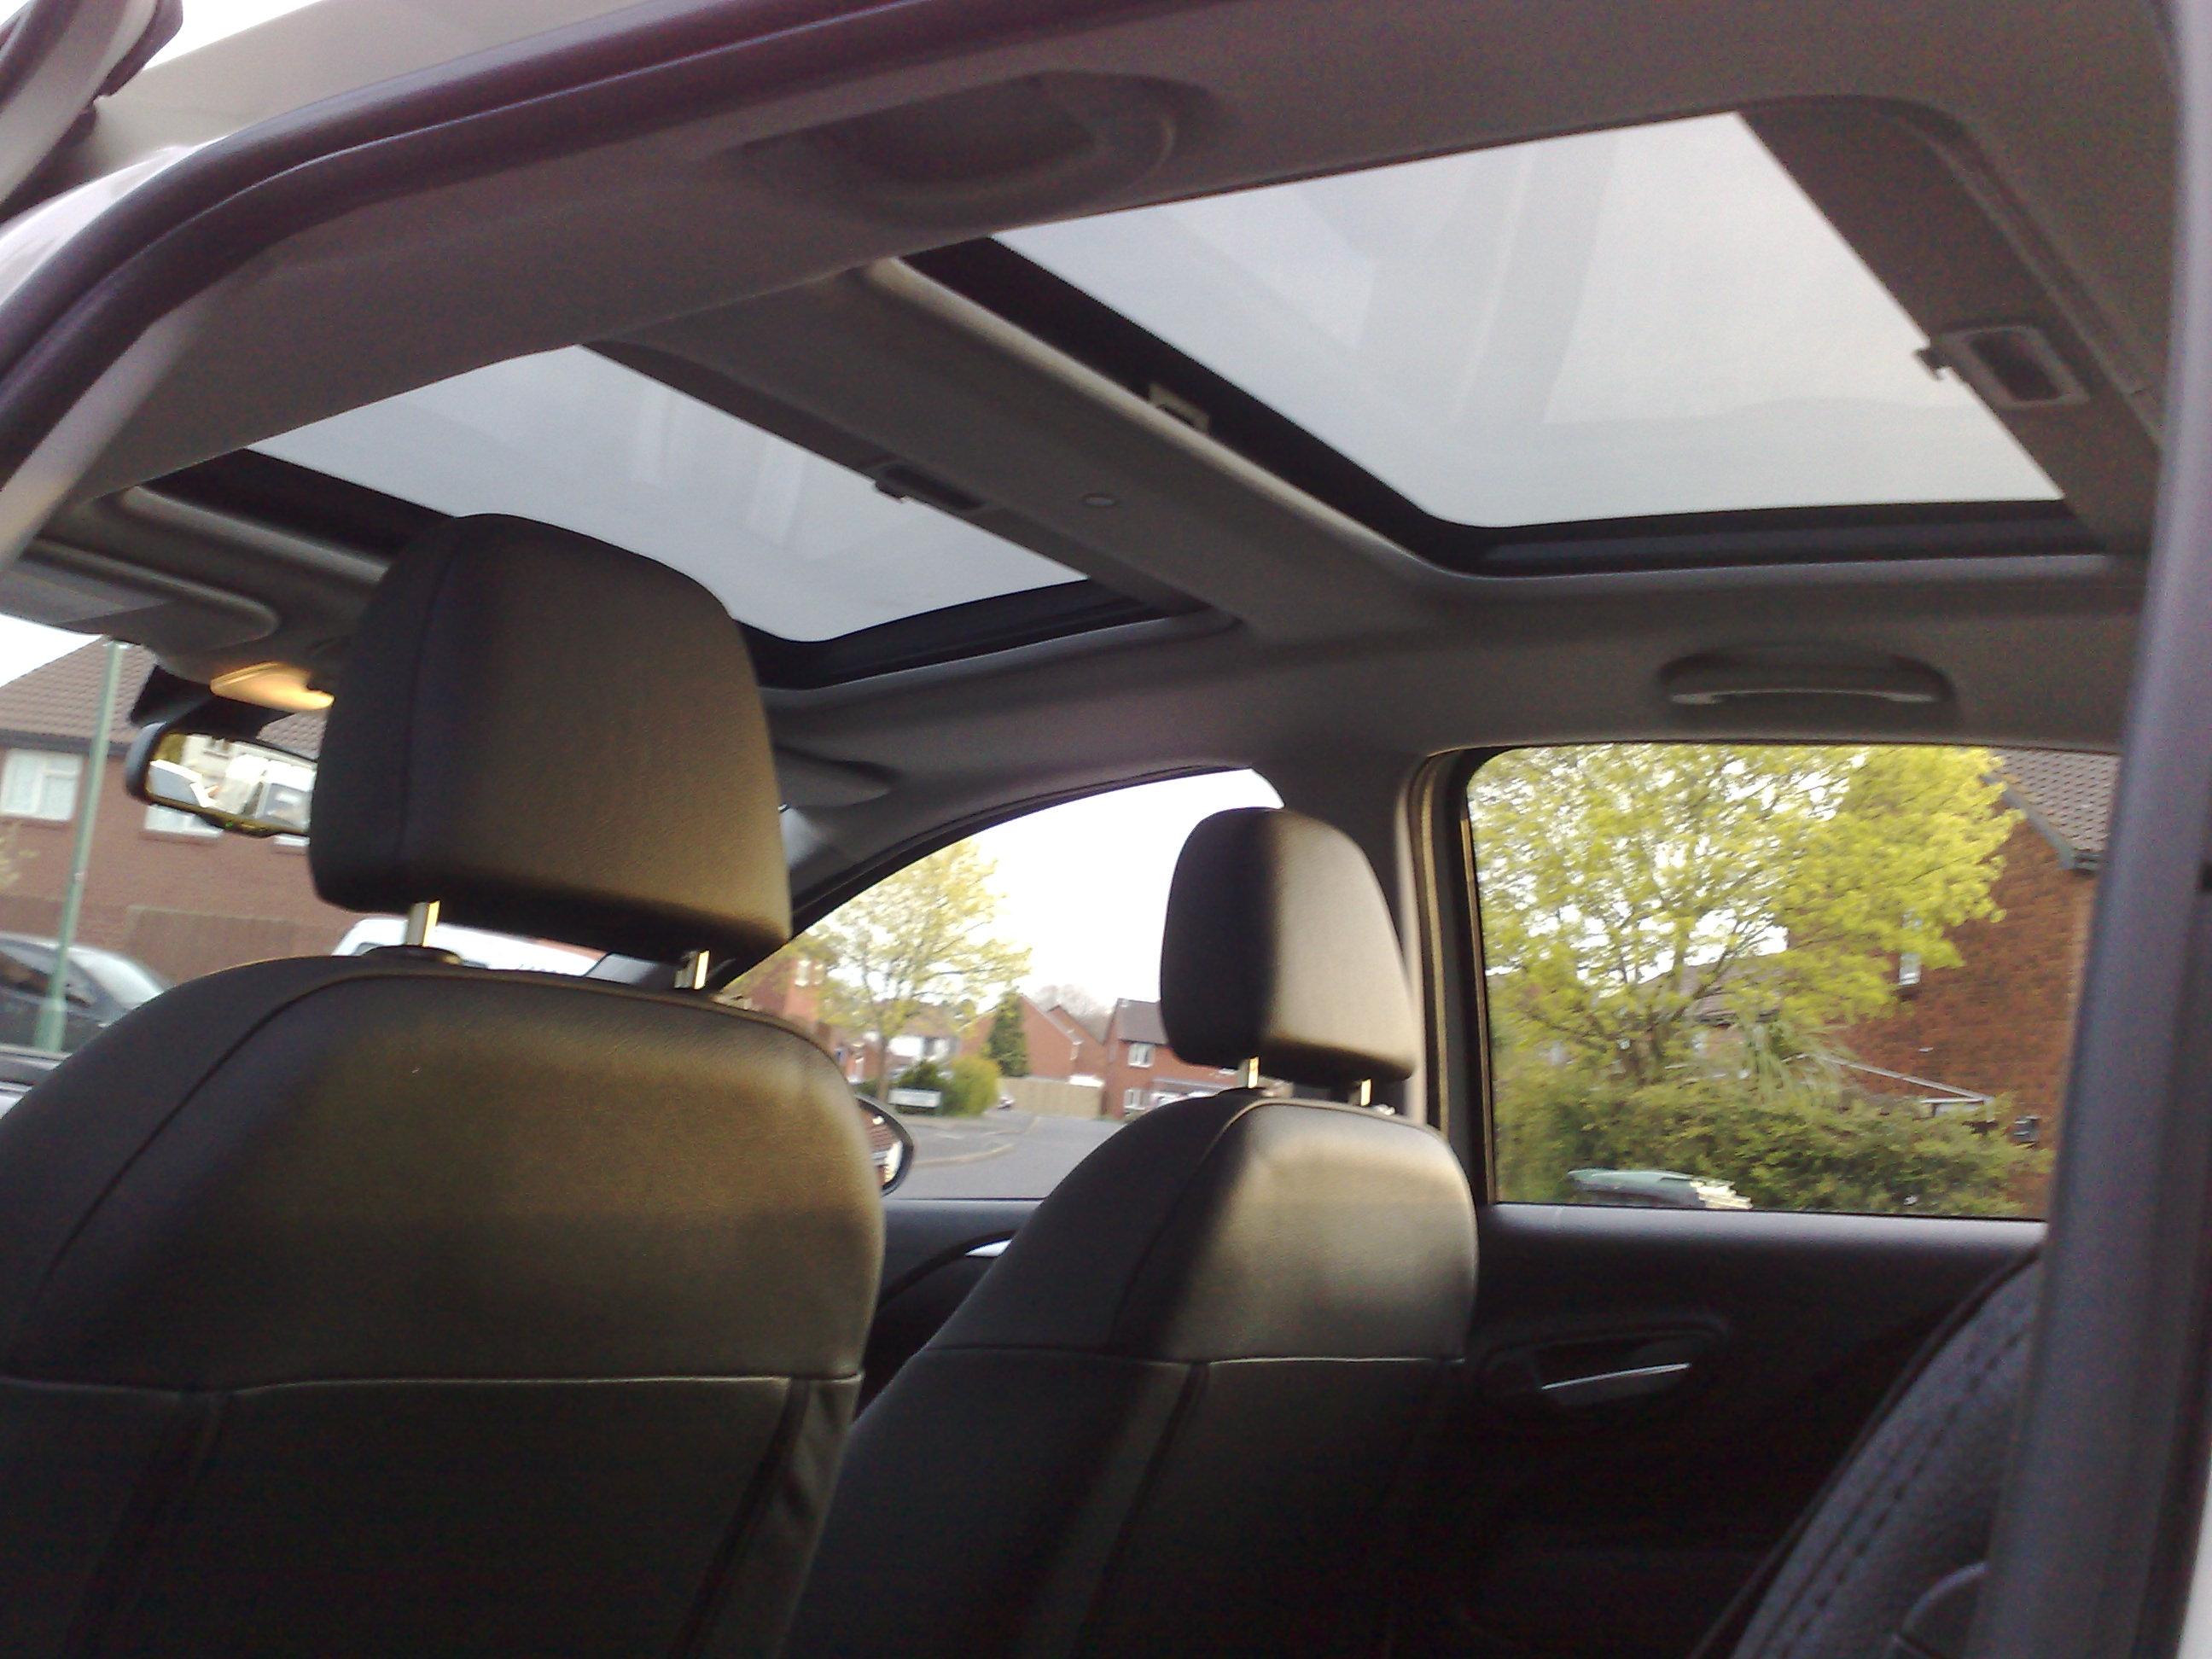 Fiat Punto Elx 09 10 Completo Teto Solar Skydome Ou 17000 Punto A Brl 32000 Em Preciolandia